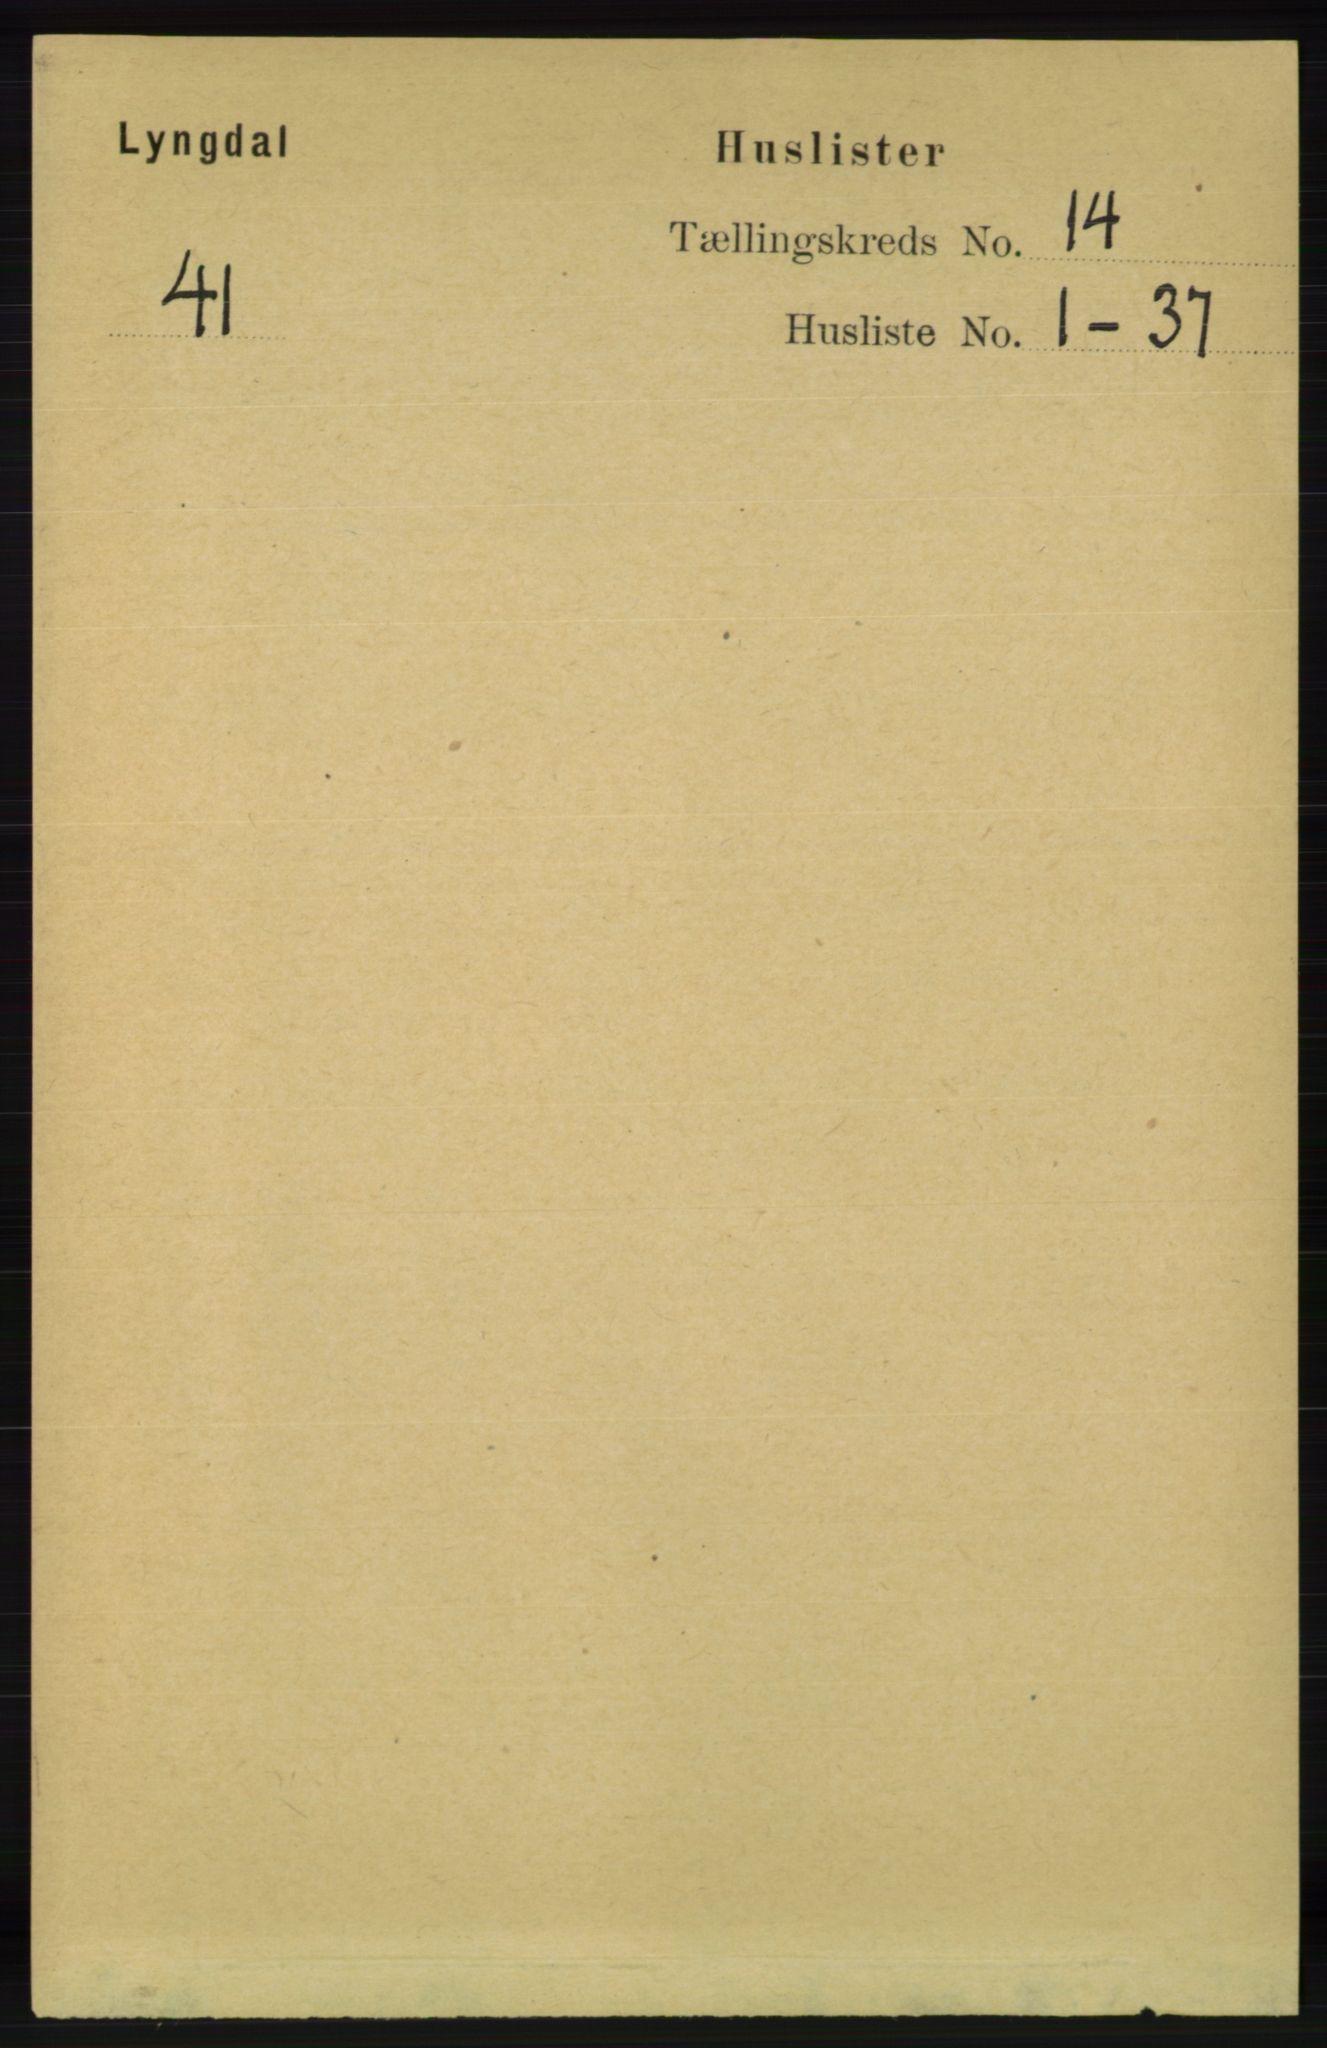 RA, Folketelling 1891 for 1032 Lyngdal herred, 1891, s. 5806